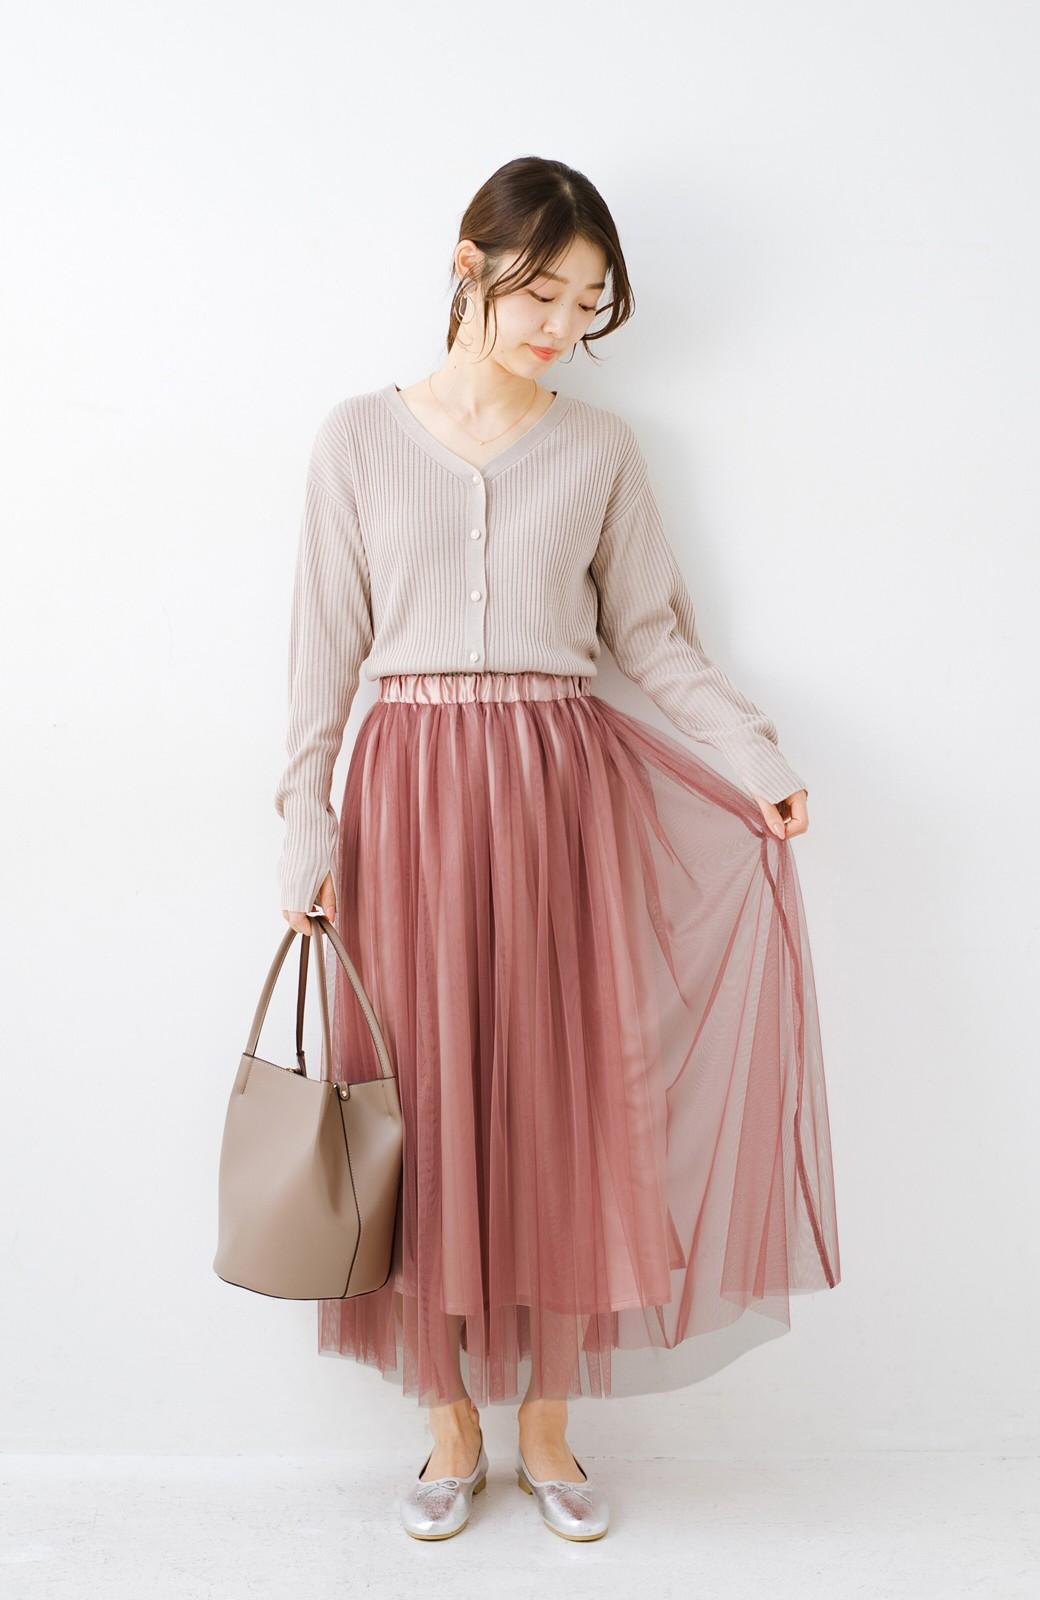 haco! 着るだけでルンとした気分になる! 長ーーい季節着られてずっと使えるオトナのためのチュールスカート <ピンク>の商品写真17